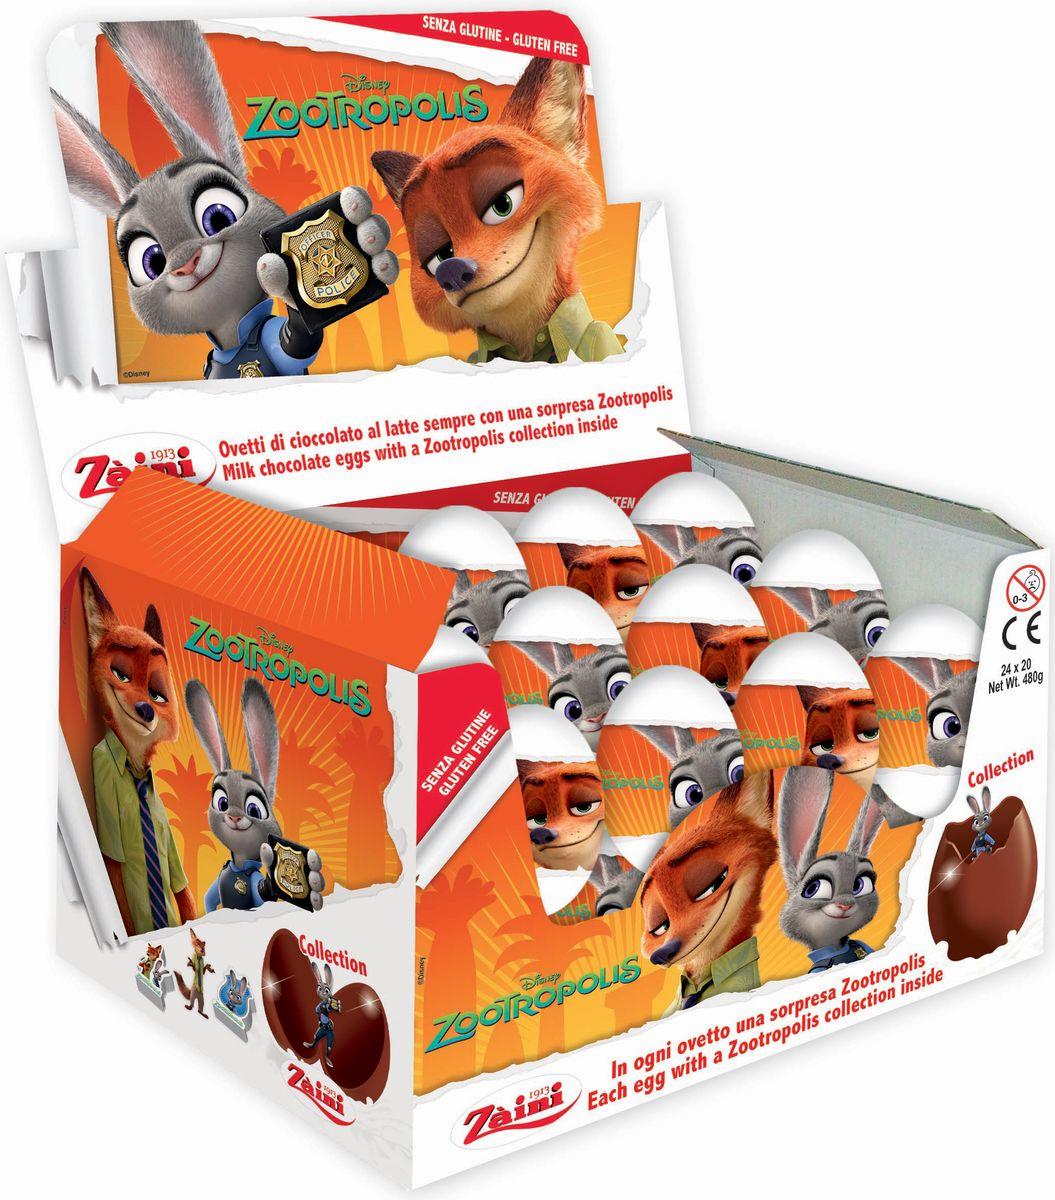 Zaini Zootropolis шоколадные яйца с игрушкой, 24 шт по 20 г zootropolis набор фигурок мистер биг и медведь телохранитель